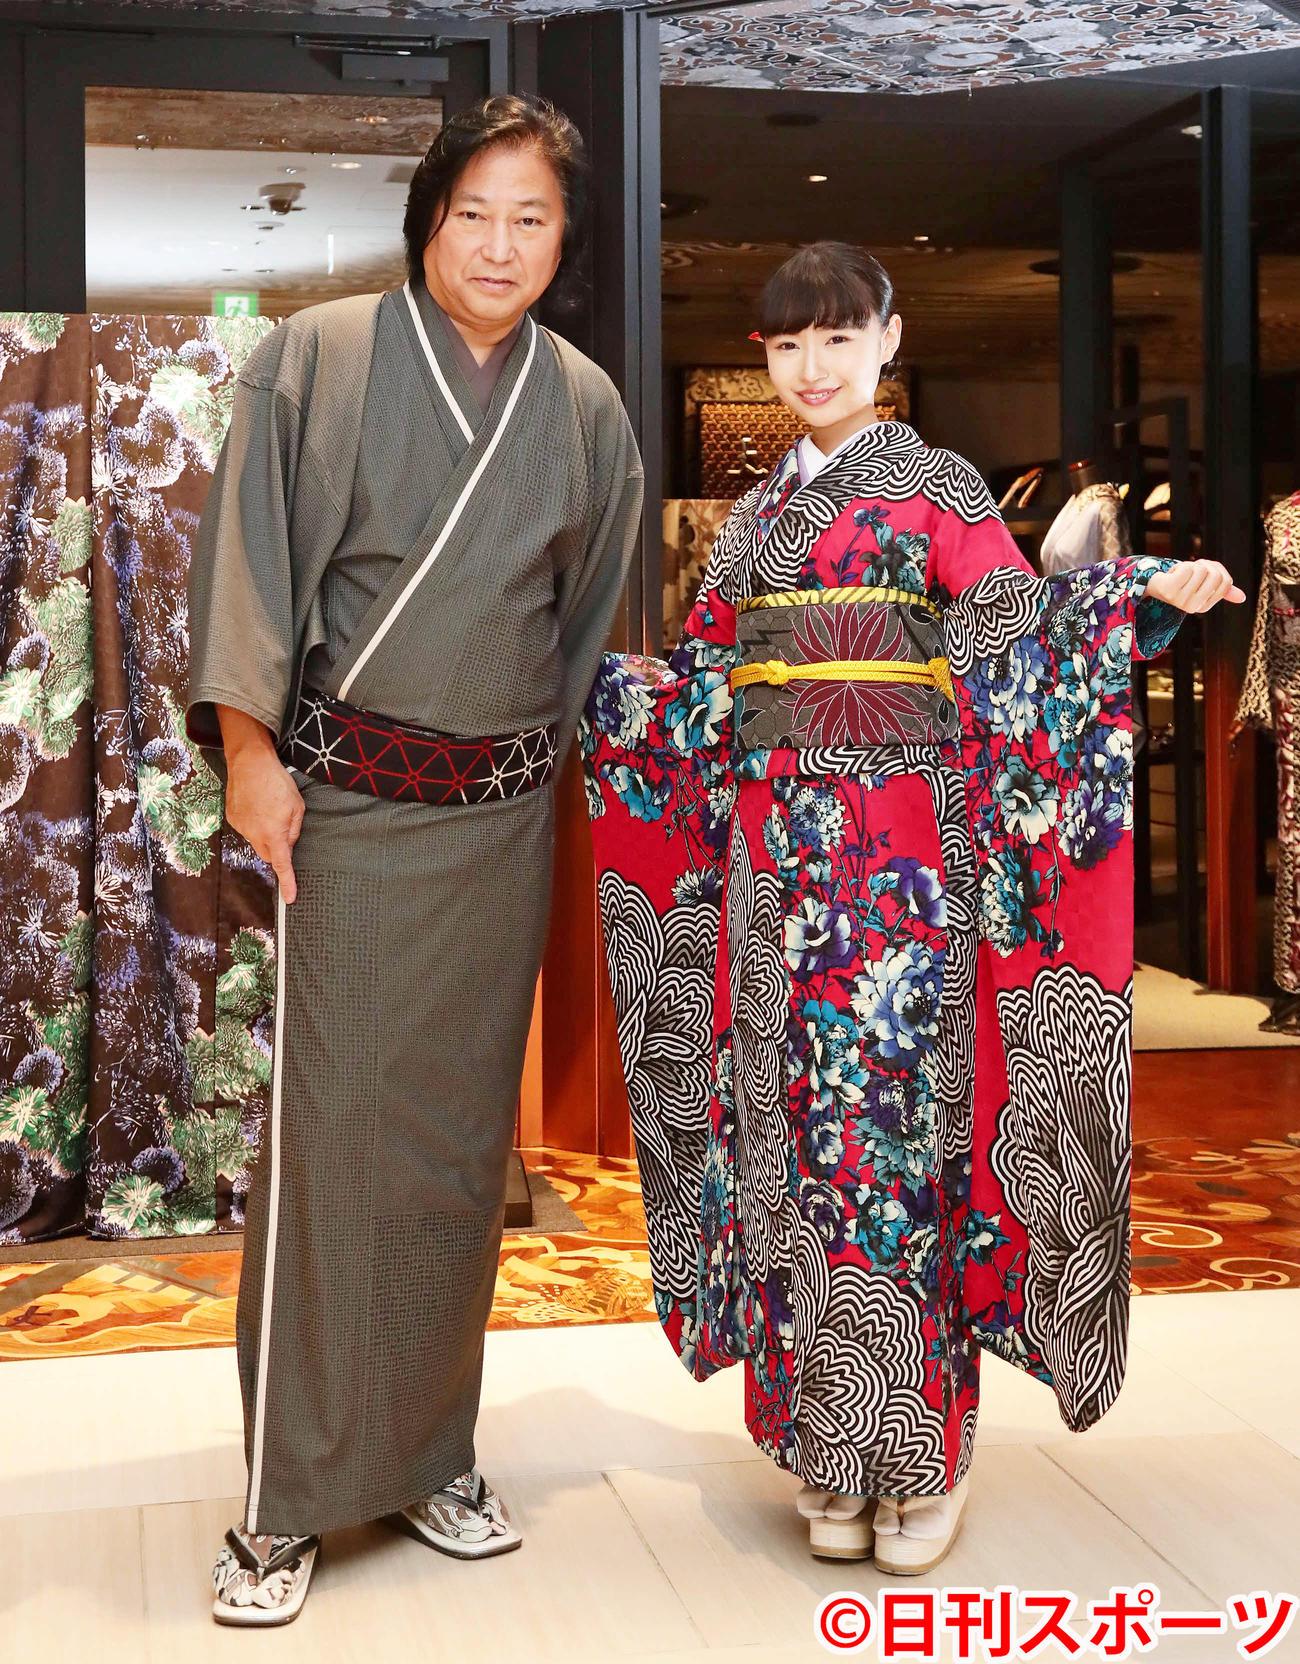 着物作家の斉藤上太郎氏(左)と写真に納まる演歌歌手の望月琉叶(撮影・丹羽敏通)